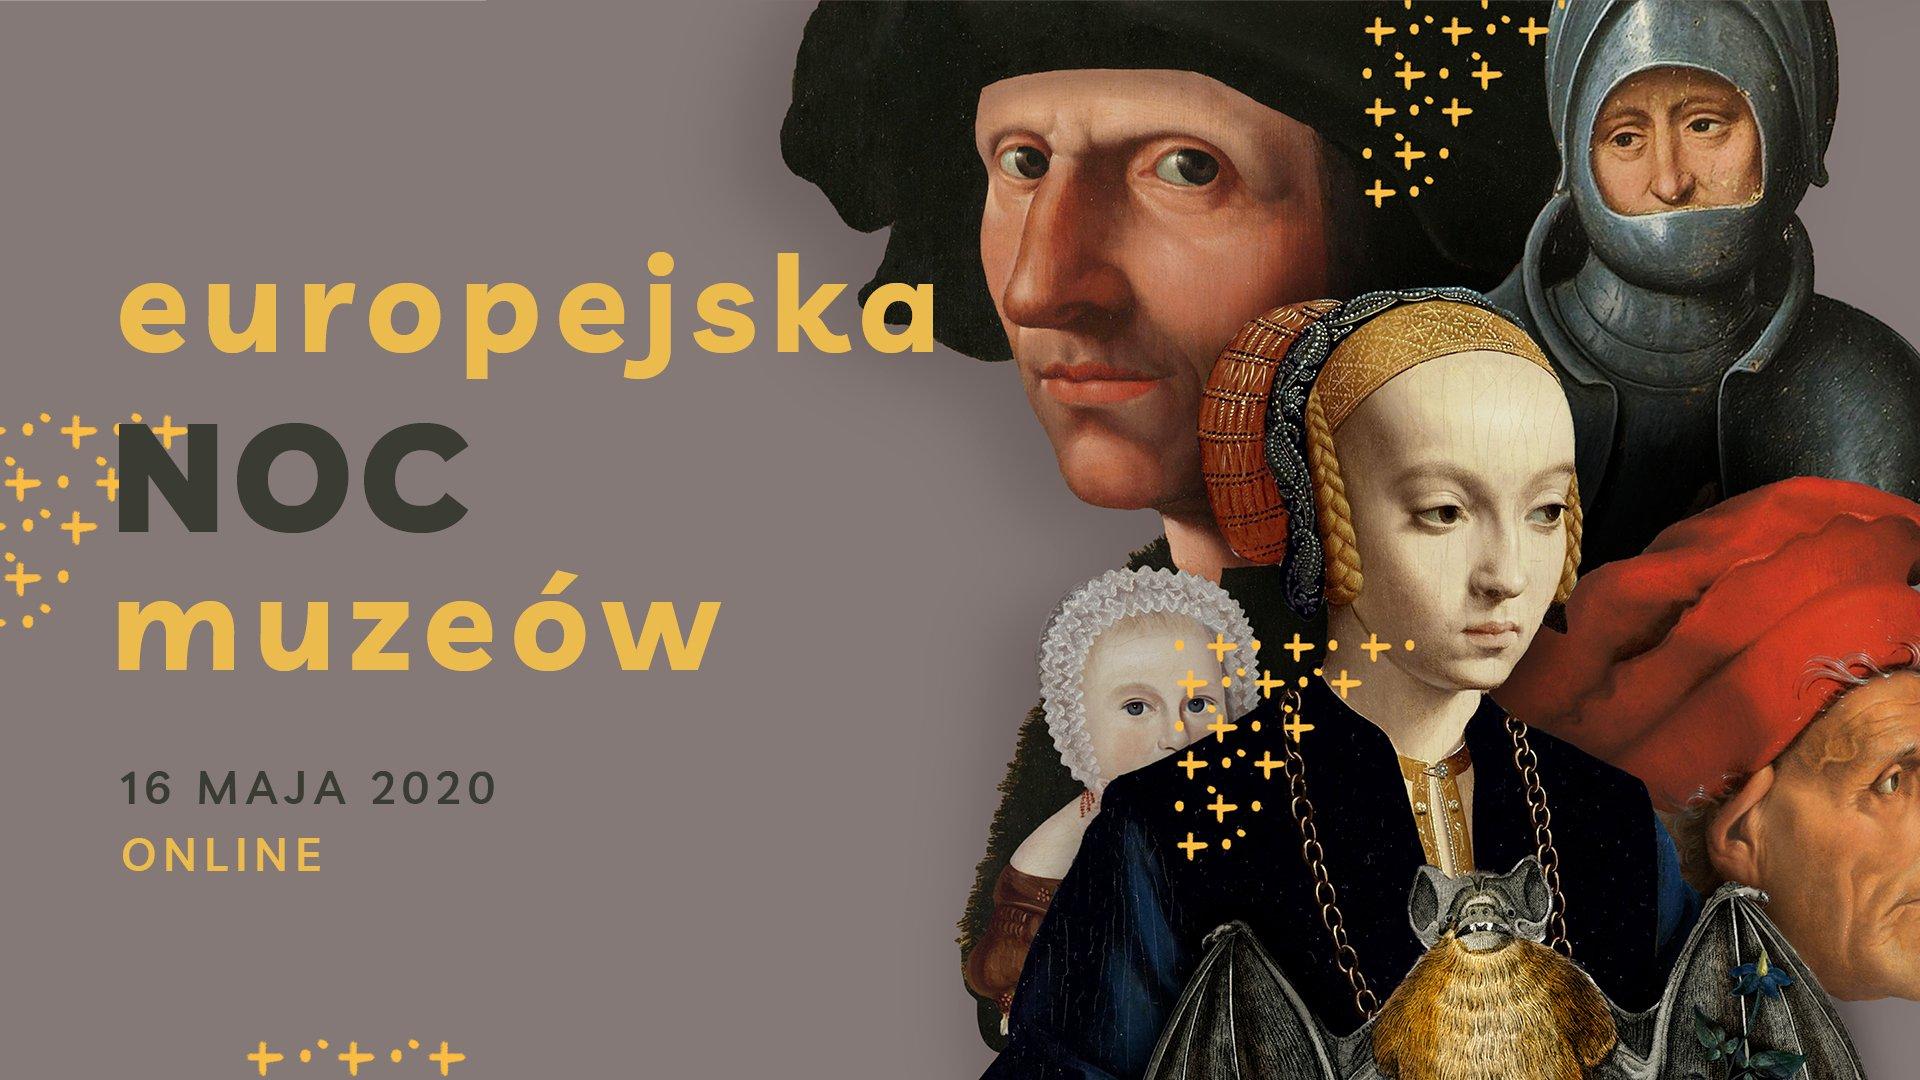 Europejska Noc Muzeów 2020. Piętnasta edycja na Pomorzu – pierwsza online